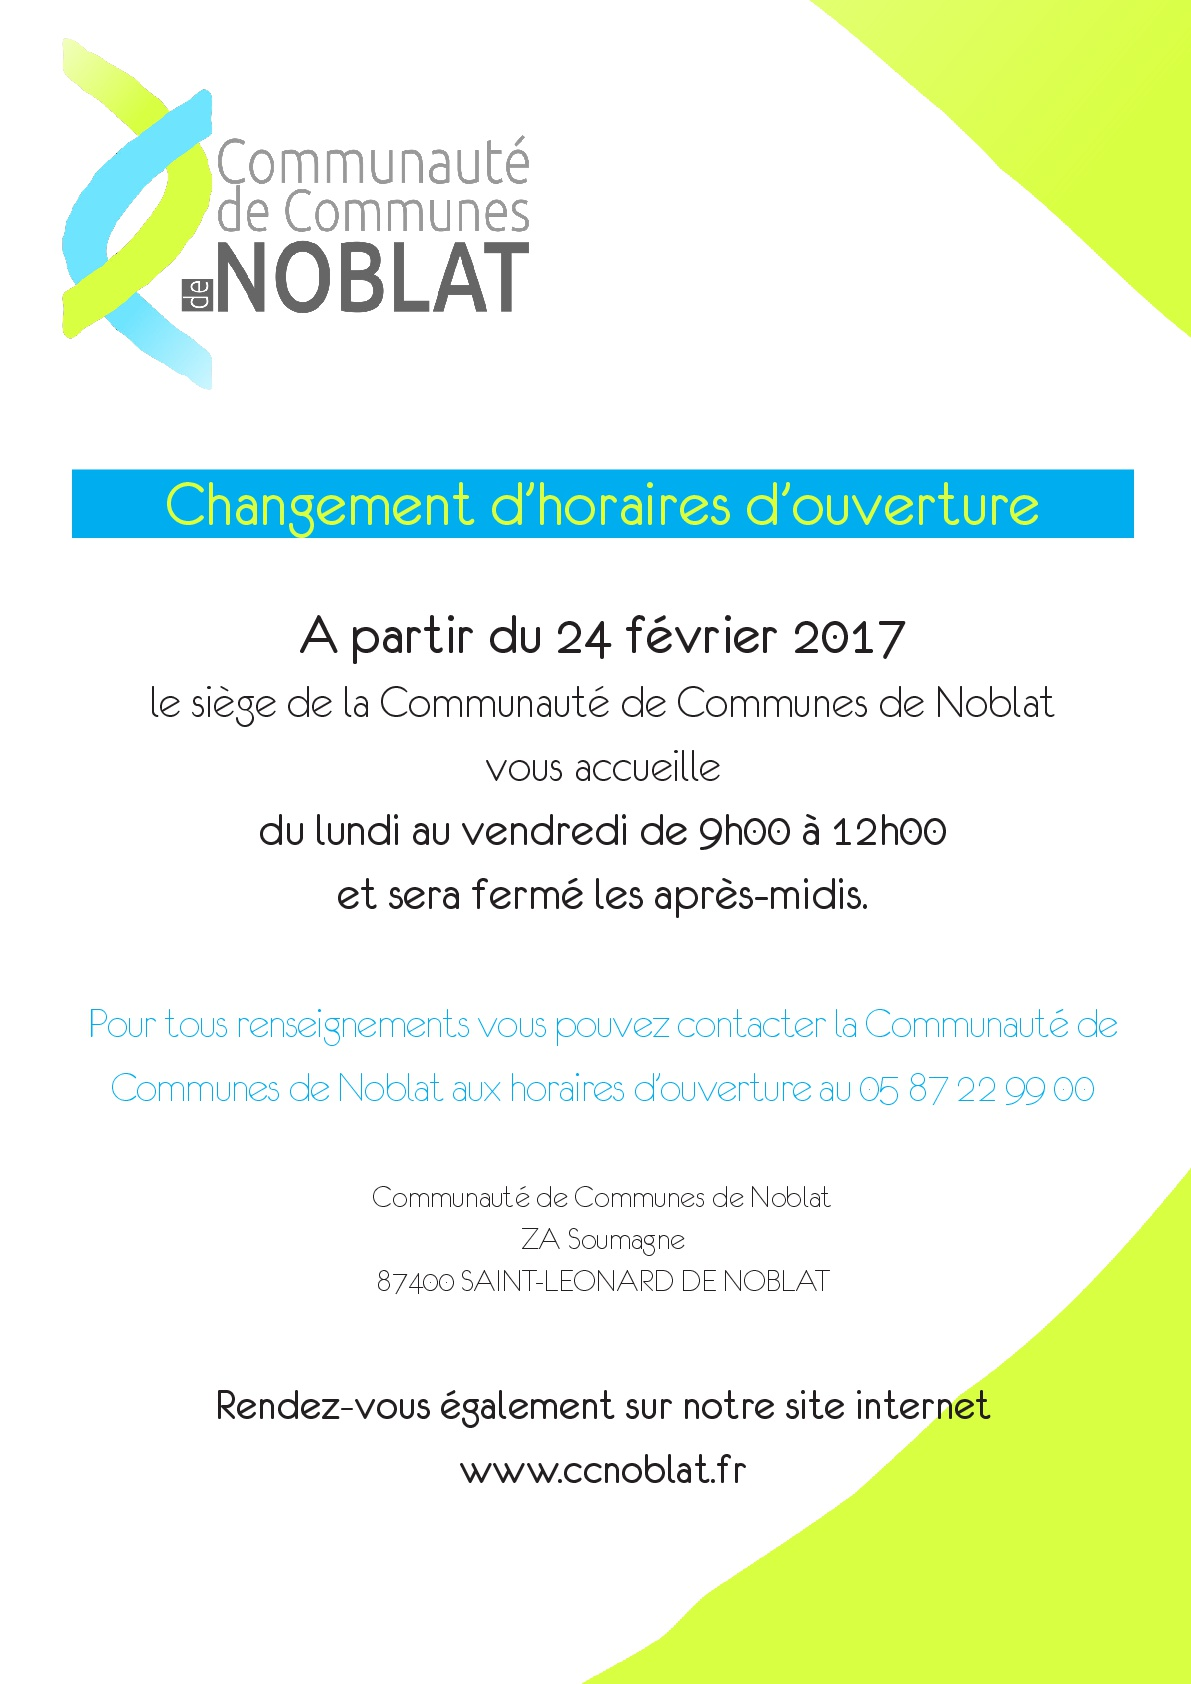 Communaut de communes de noblat - Office de tourisme saint leonard de noblat ...